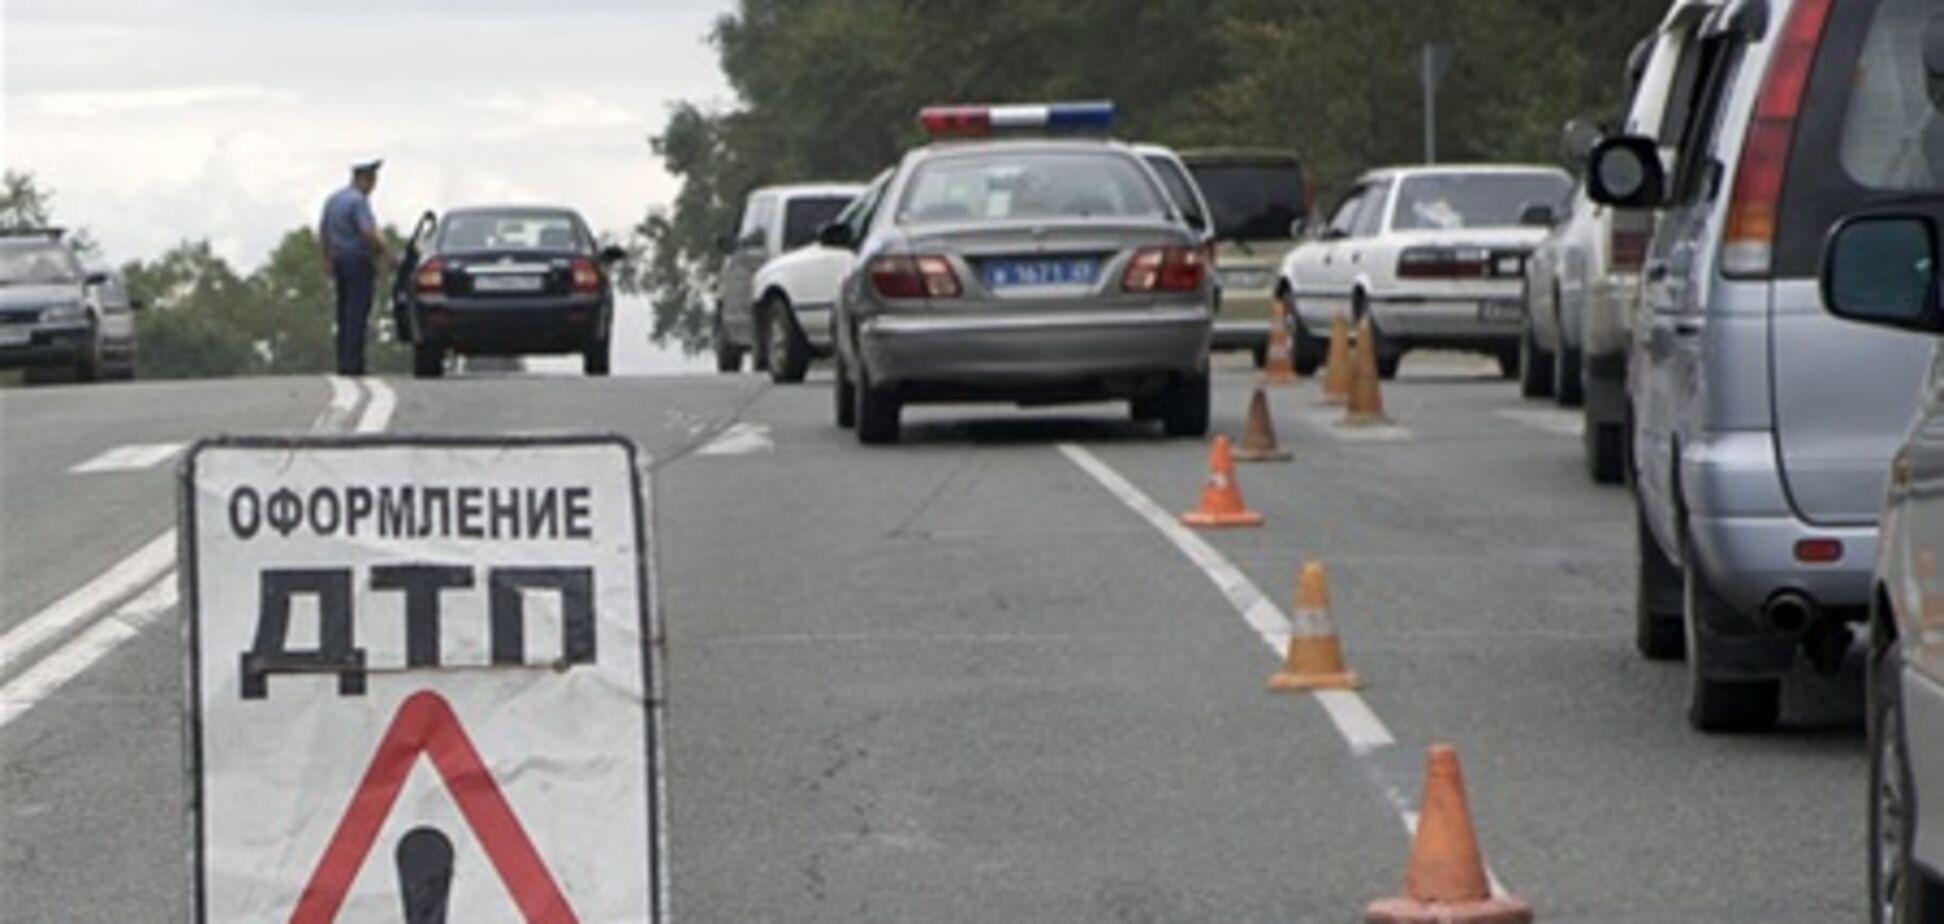 Ситуація на дорогах: 63 ДТП і 10 загиблих